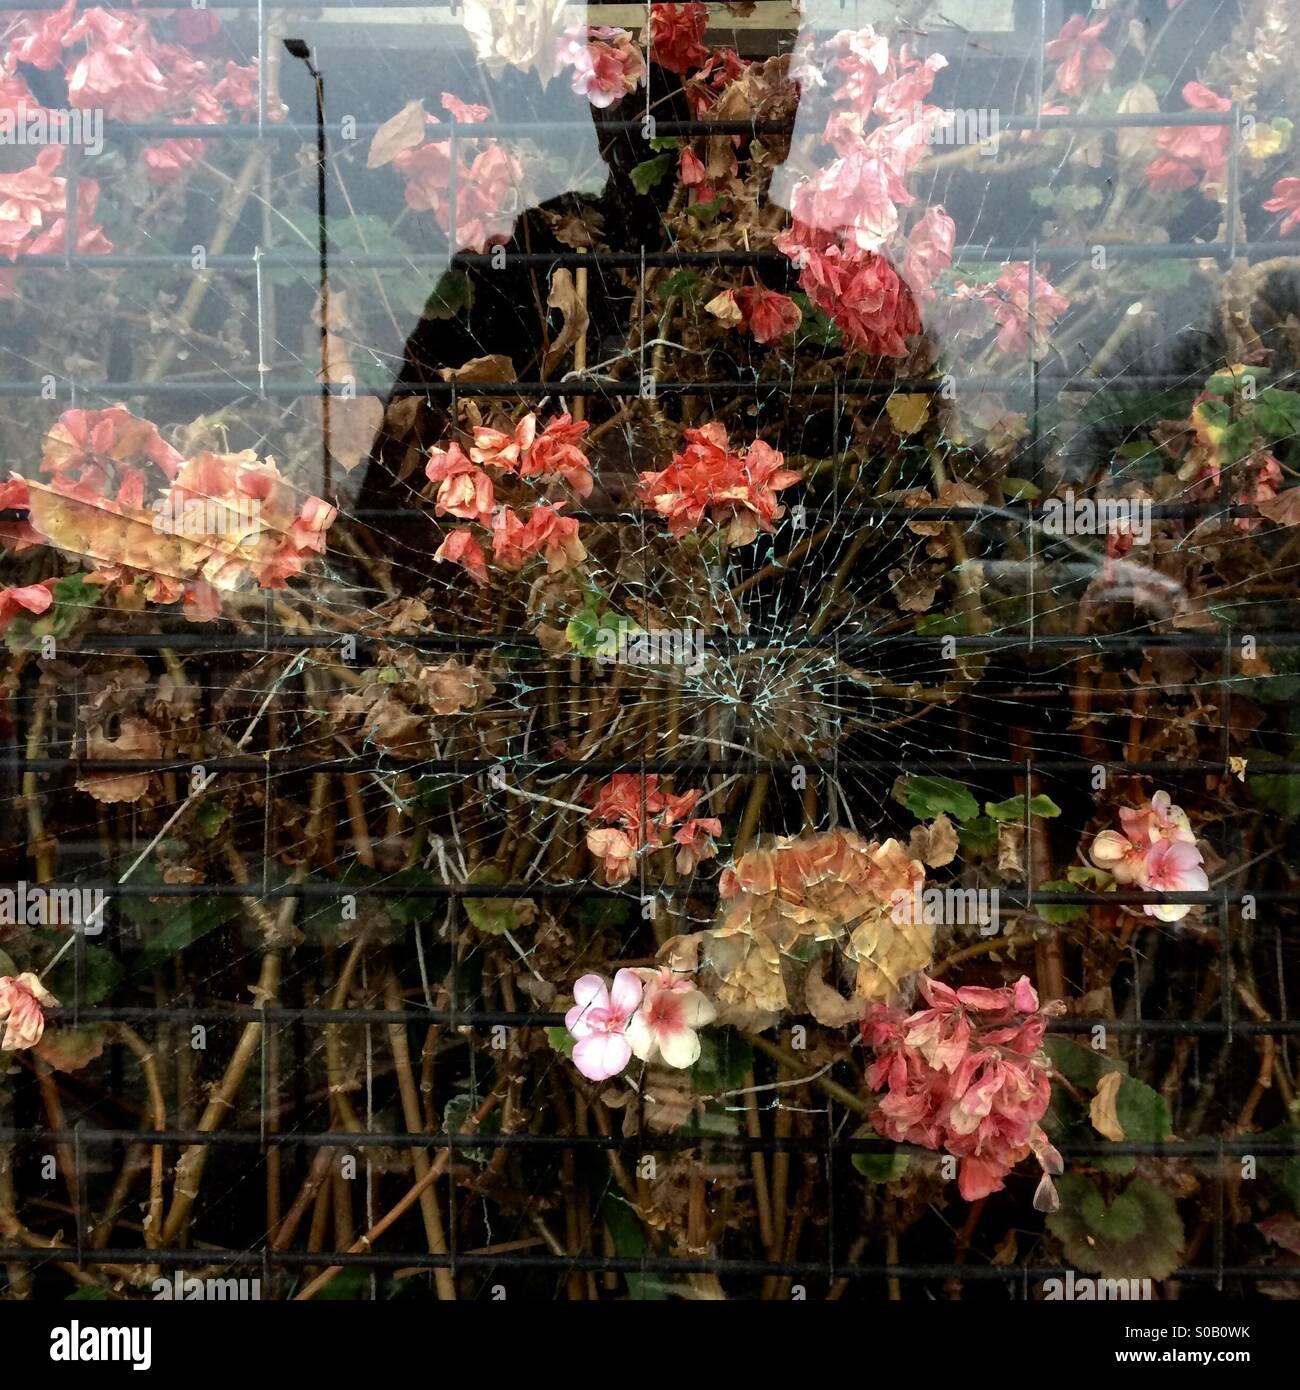 Una cifra que se refleja en el cristal roto de una floristería cerradas en Birmingham, Inglaterra, Reino Unido. Imagen De Stock